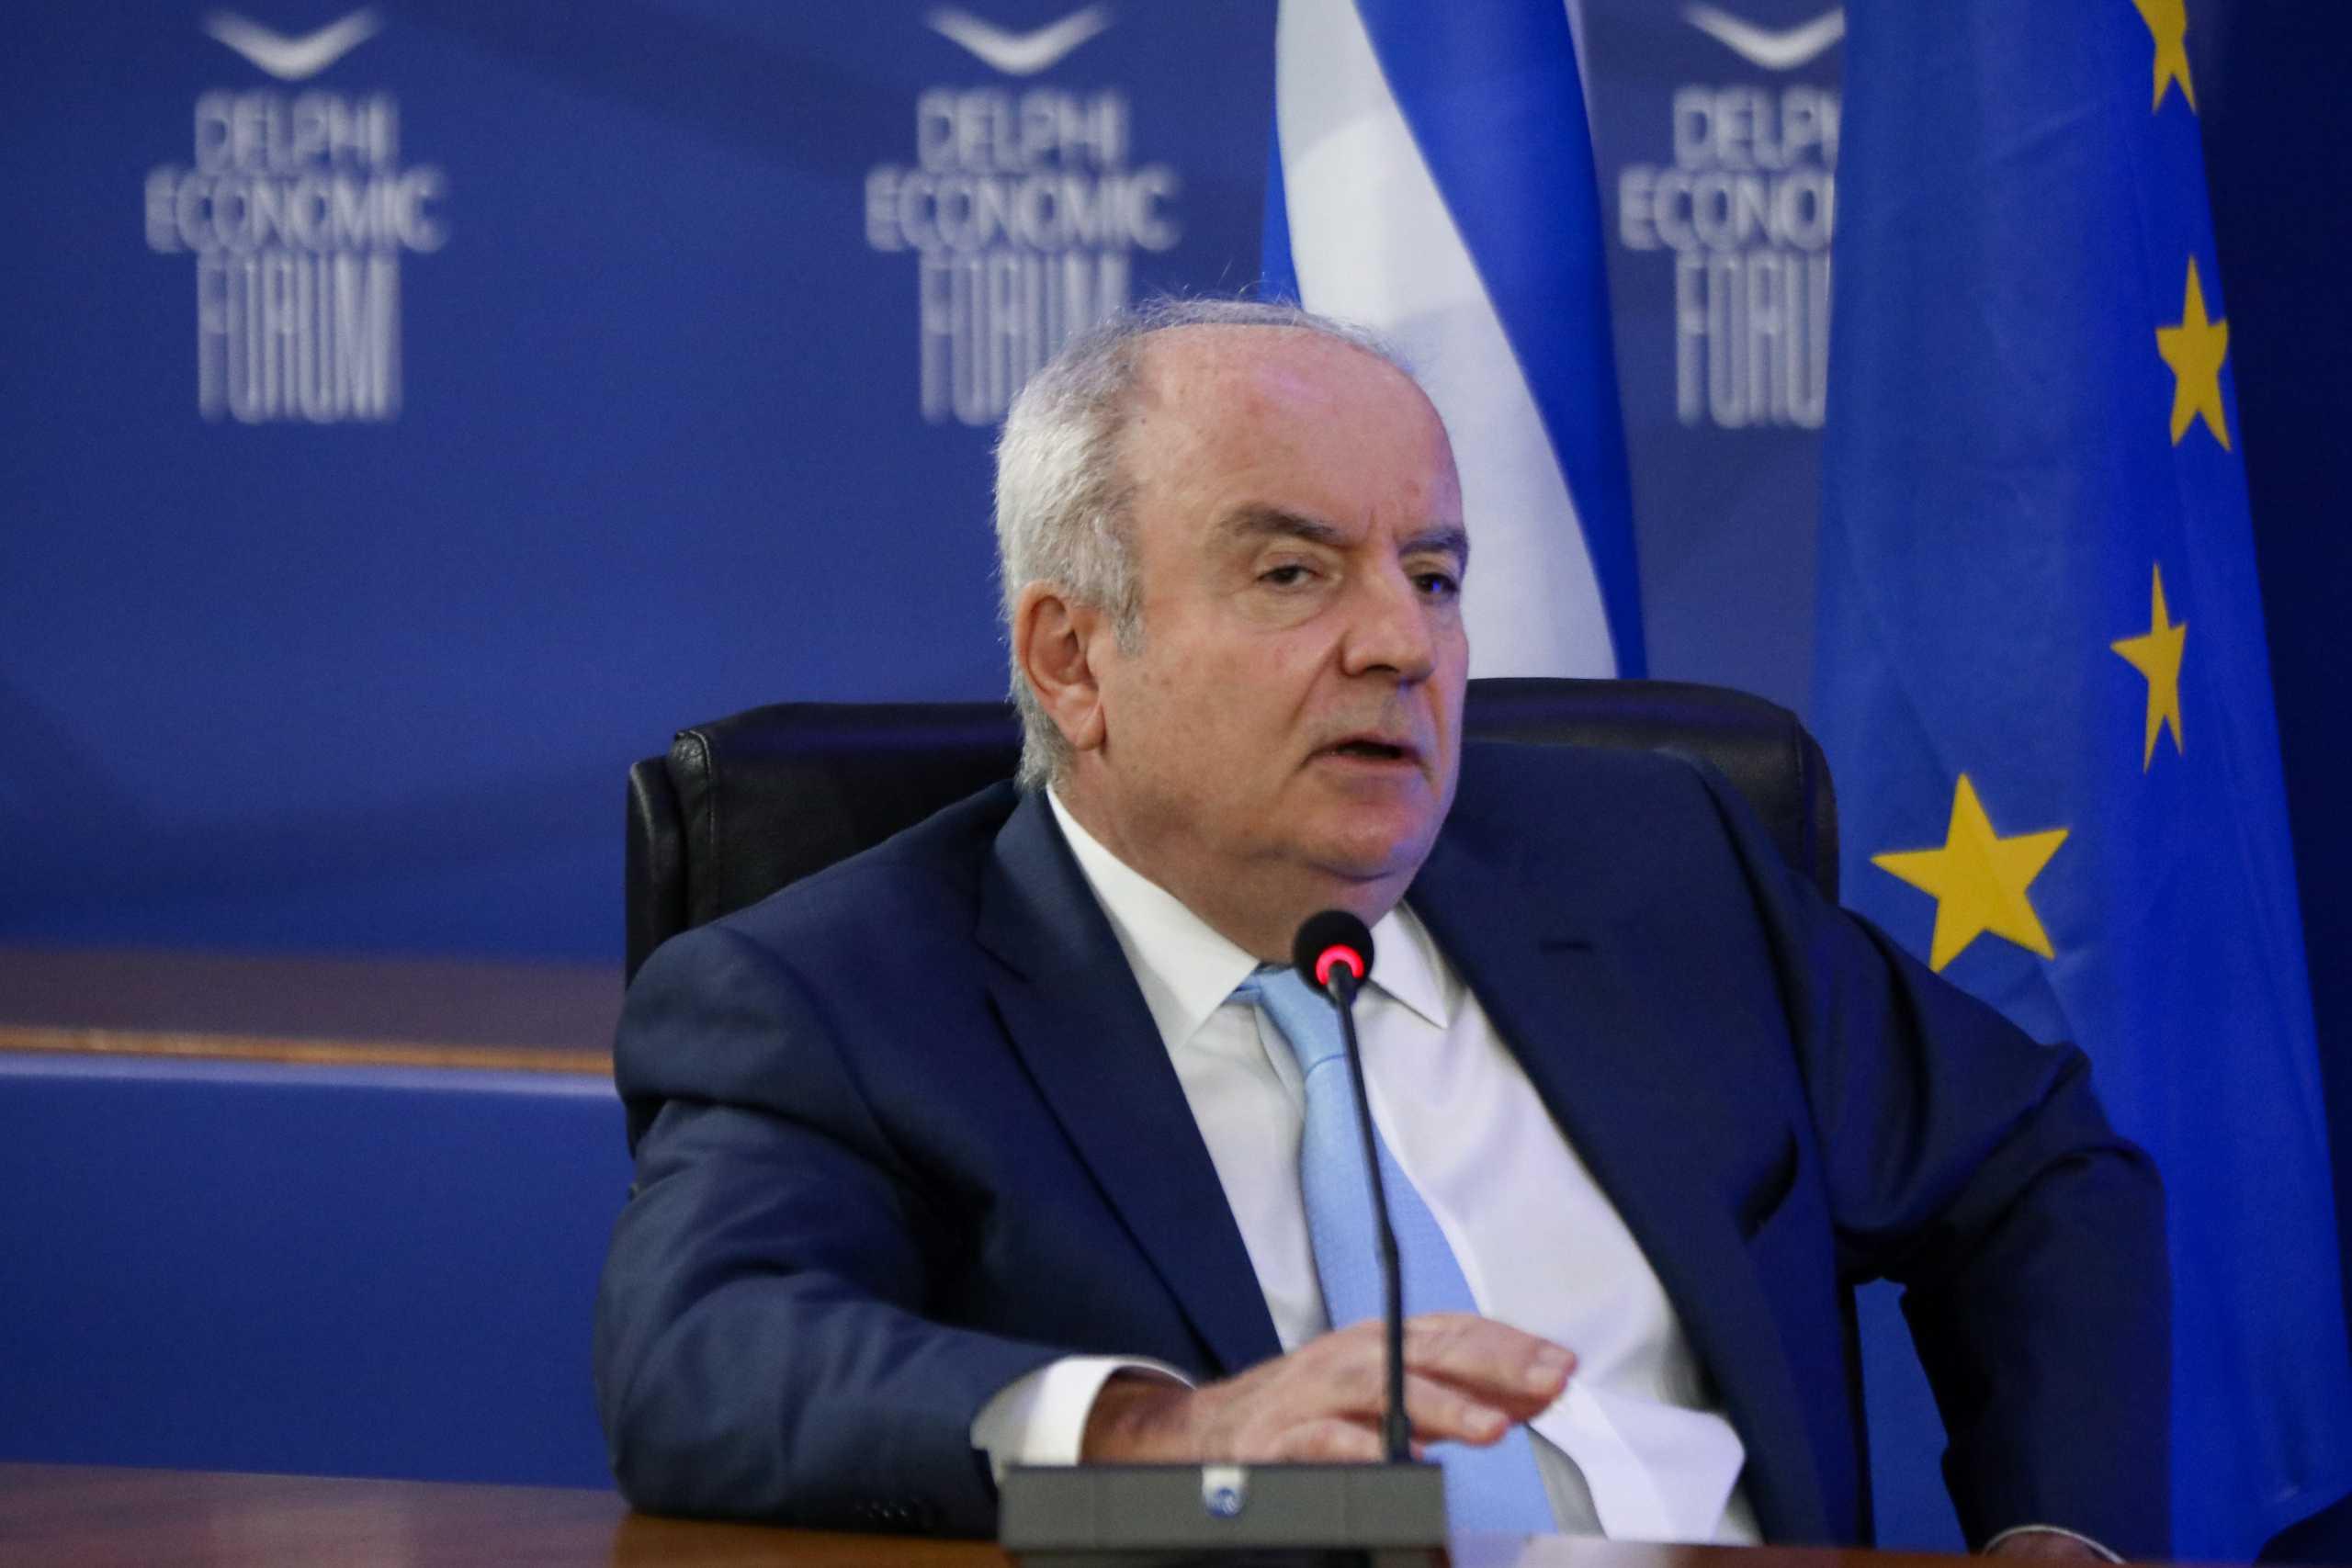 Γ. Περιστέρης, ΓΕΚ Τέρνα: «Θα δημιουργήσουμε 20.000 θέσεις εργασίας»